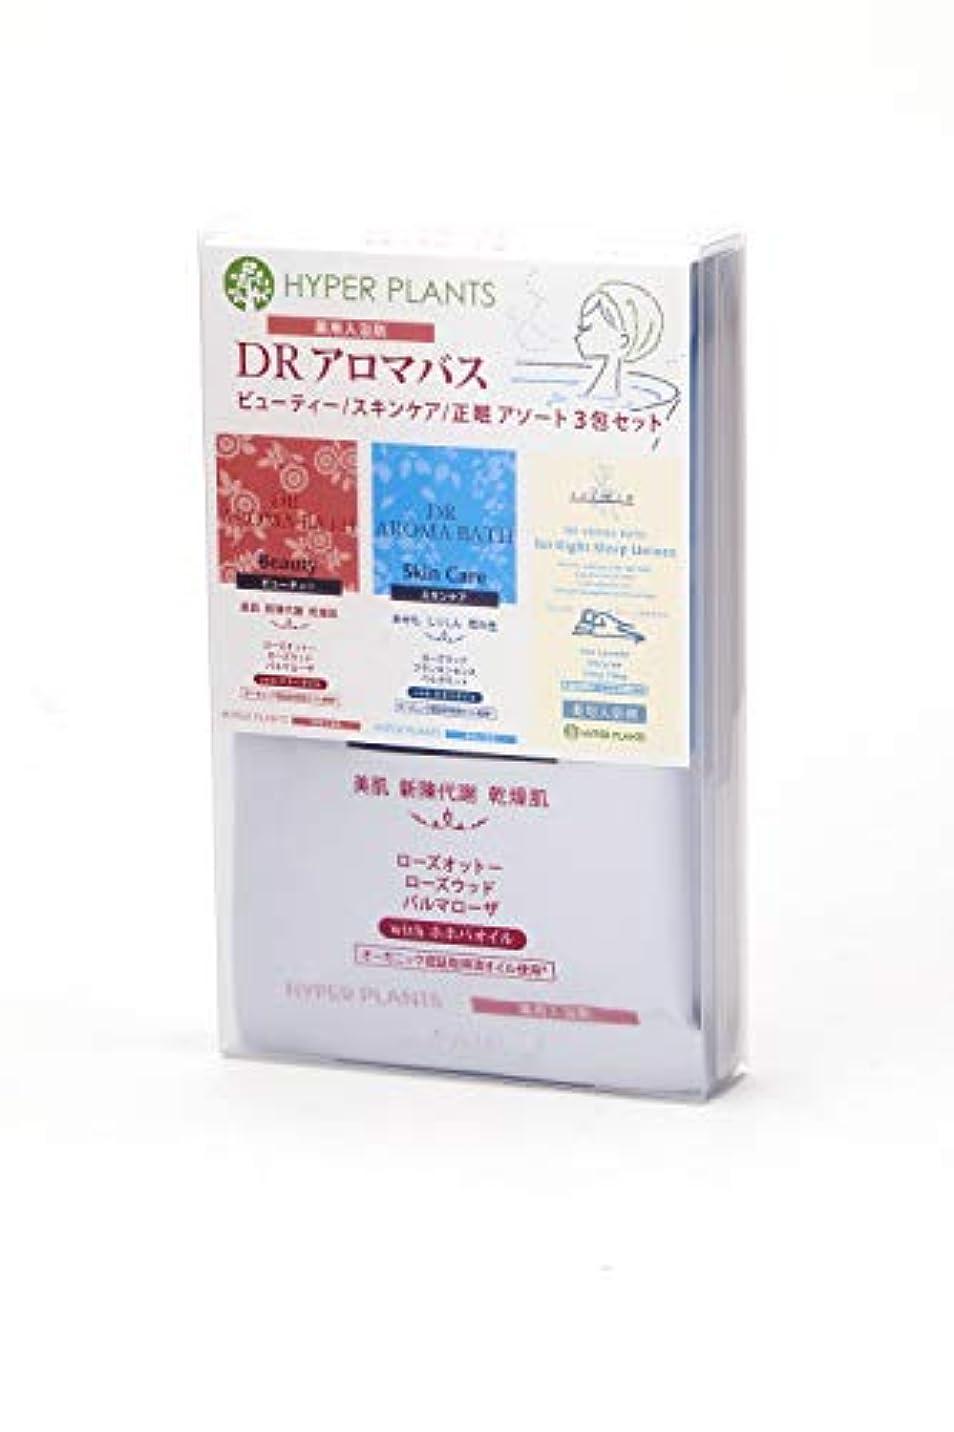 寺院予言する肌医薬部外品 薬用入浴剤 ハイパープランツ DRアロマバス (ビューティー、スキンケア、正眠) アソート3包セット